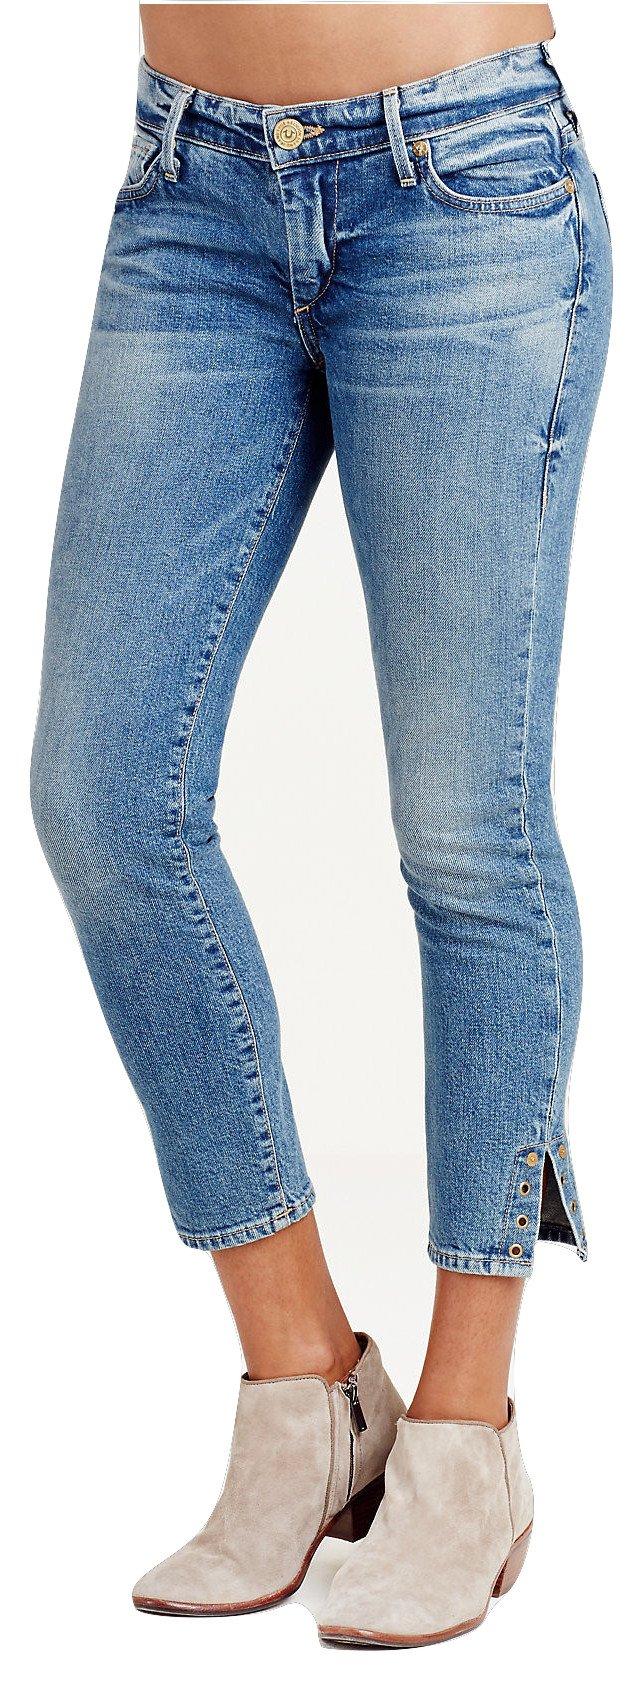 True Religion Women's Casey Super Skinny Rivet Crop Jeans In Gypset Blue (28, Gypset Blue)